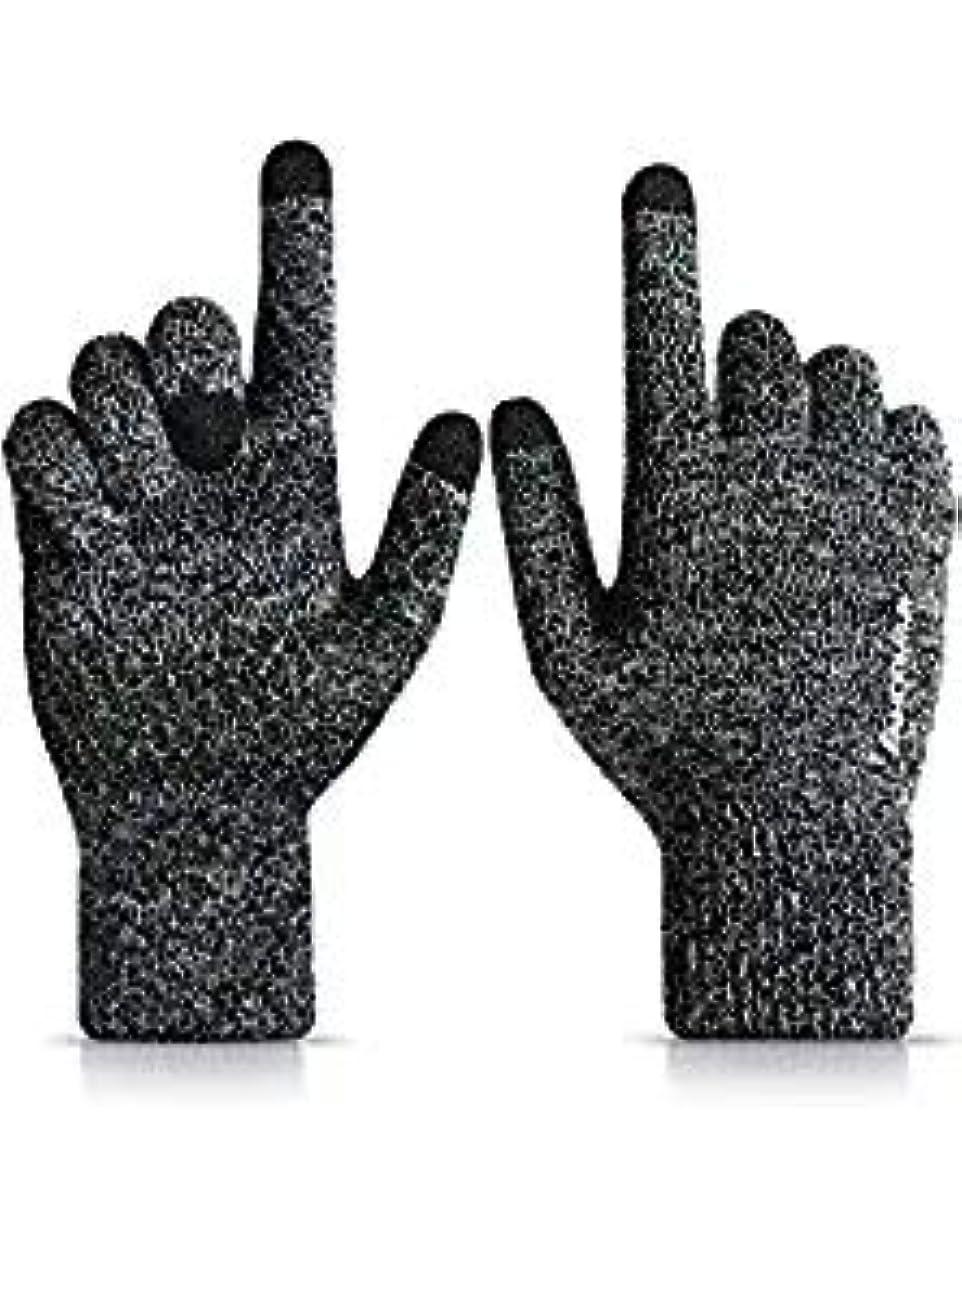 グラフィックブランチぼかす男性と女性のためのニット冬のタッチスクリーン手袋 - 暖かい柔らかいライニング - 滑り止めグリップ - 伸縮性カフ